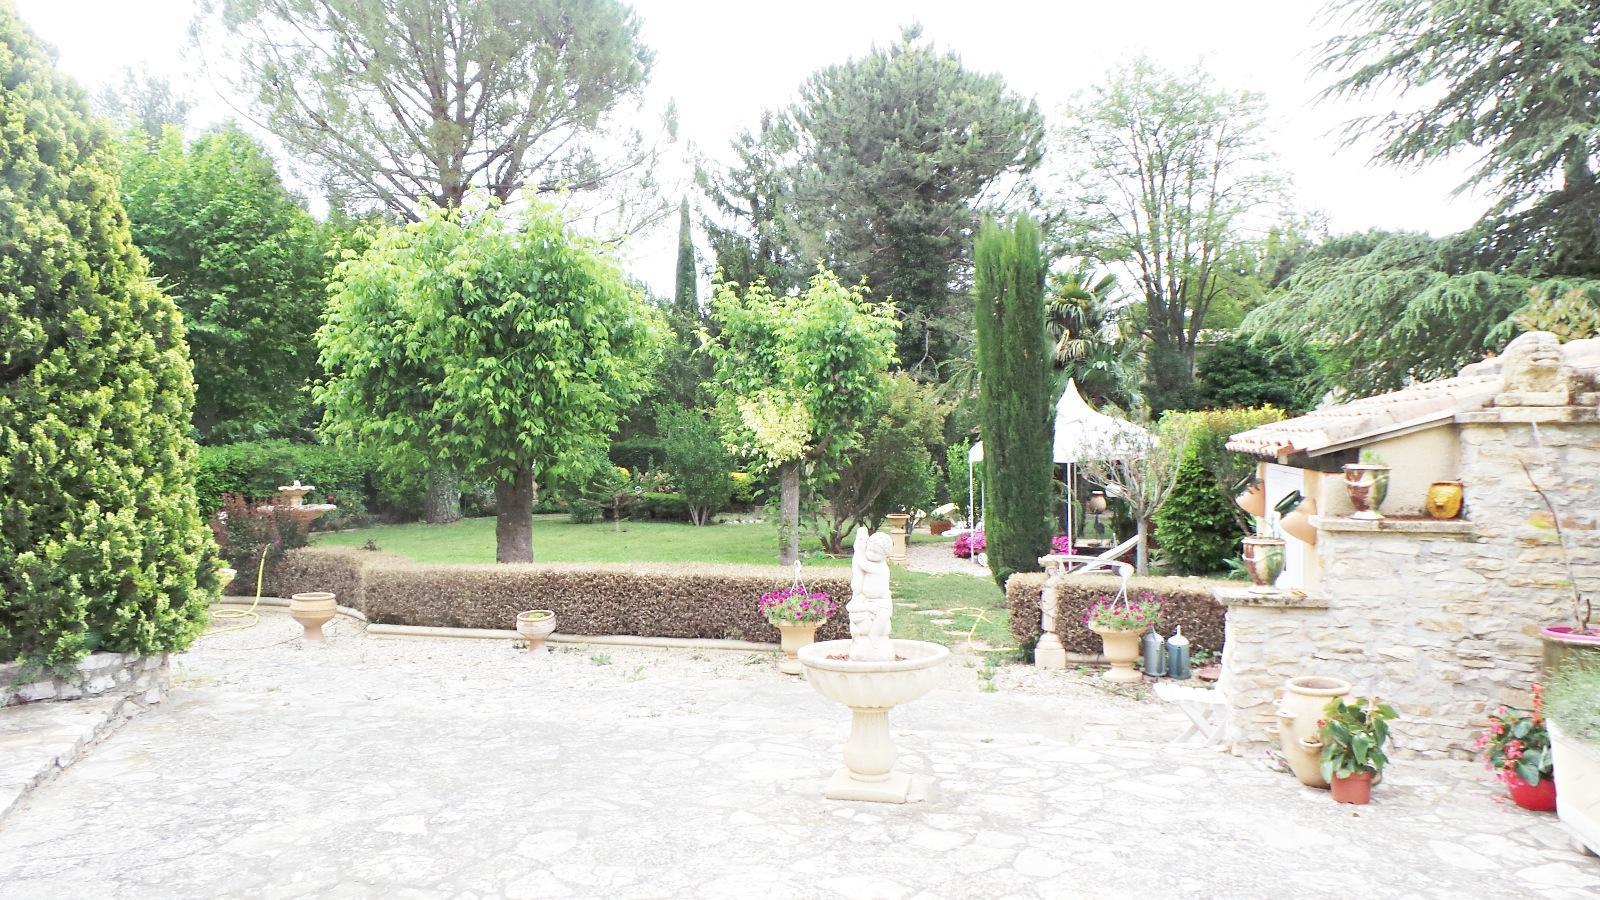 Annonce villa 5 pieces aix en provence vente for Le jardin des 5 sens aix en provence